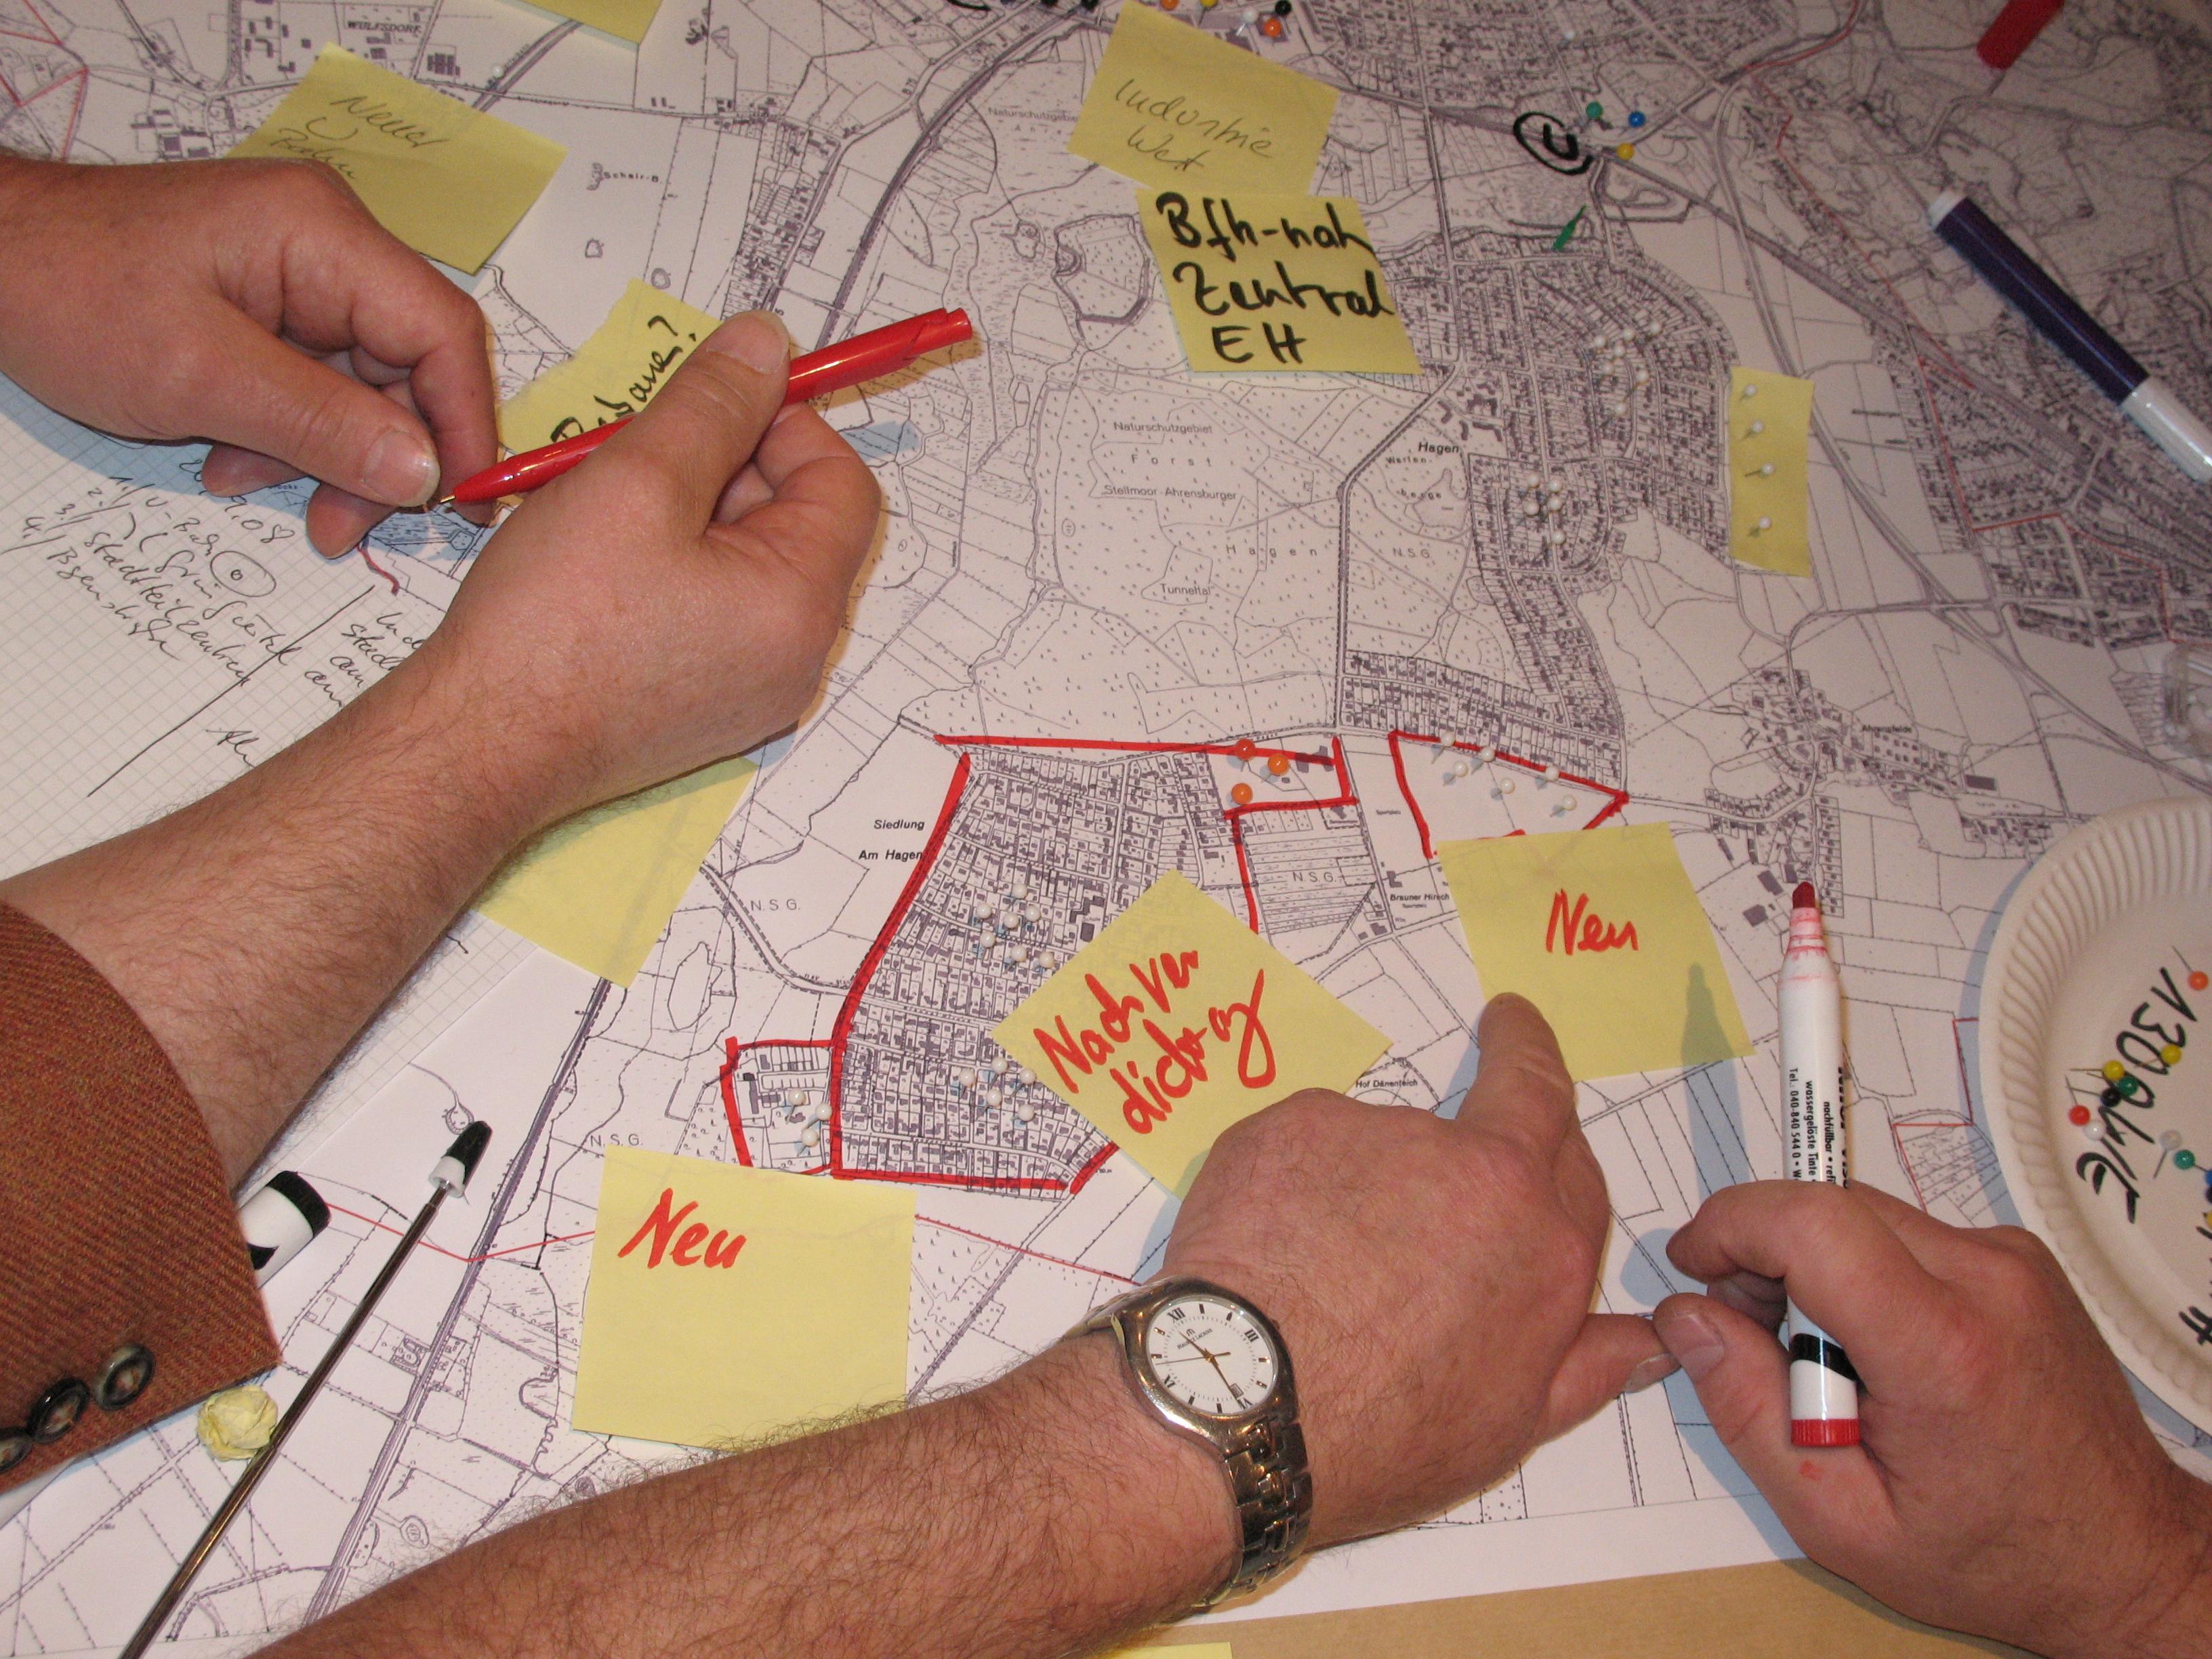 Bürgerbeteiligung auf einer Zukunftswerkstatt